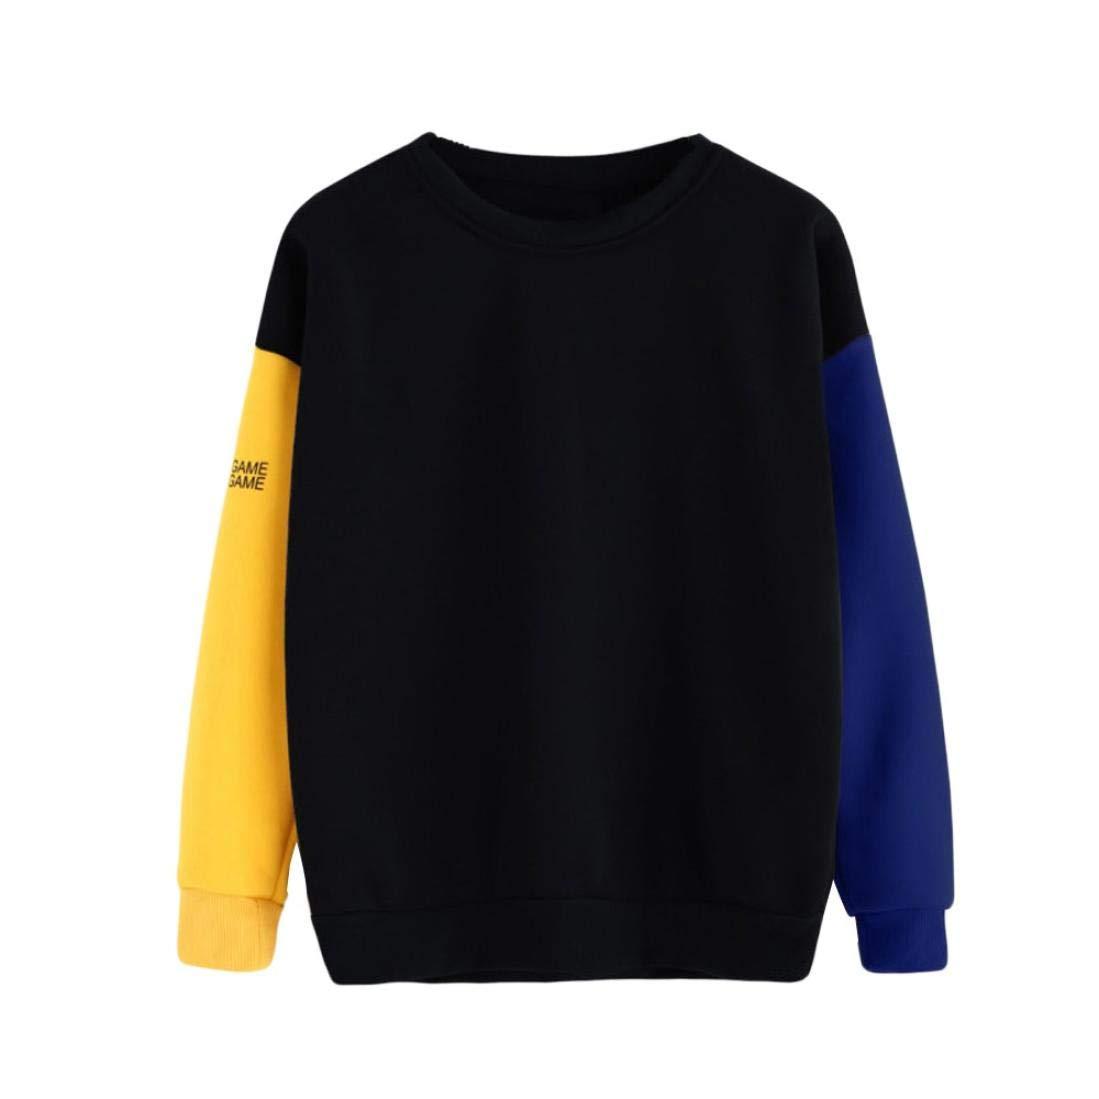 流行に  Laimeng_world Clothes SHIRT SHIRT ガールズ B07G8NRQBG X-Large ブルー Clothes X-Large, 陶芸タチカワ:a8dc3850 --- diceanalytics.pk